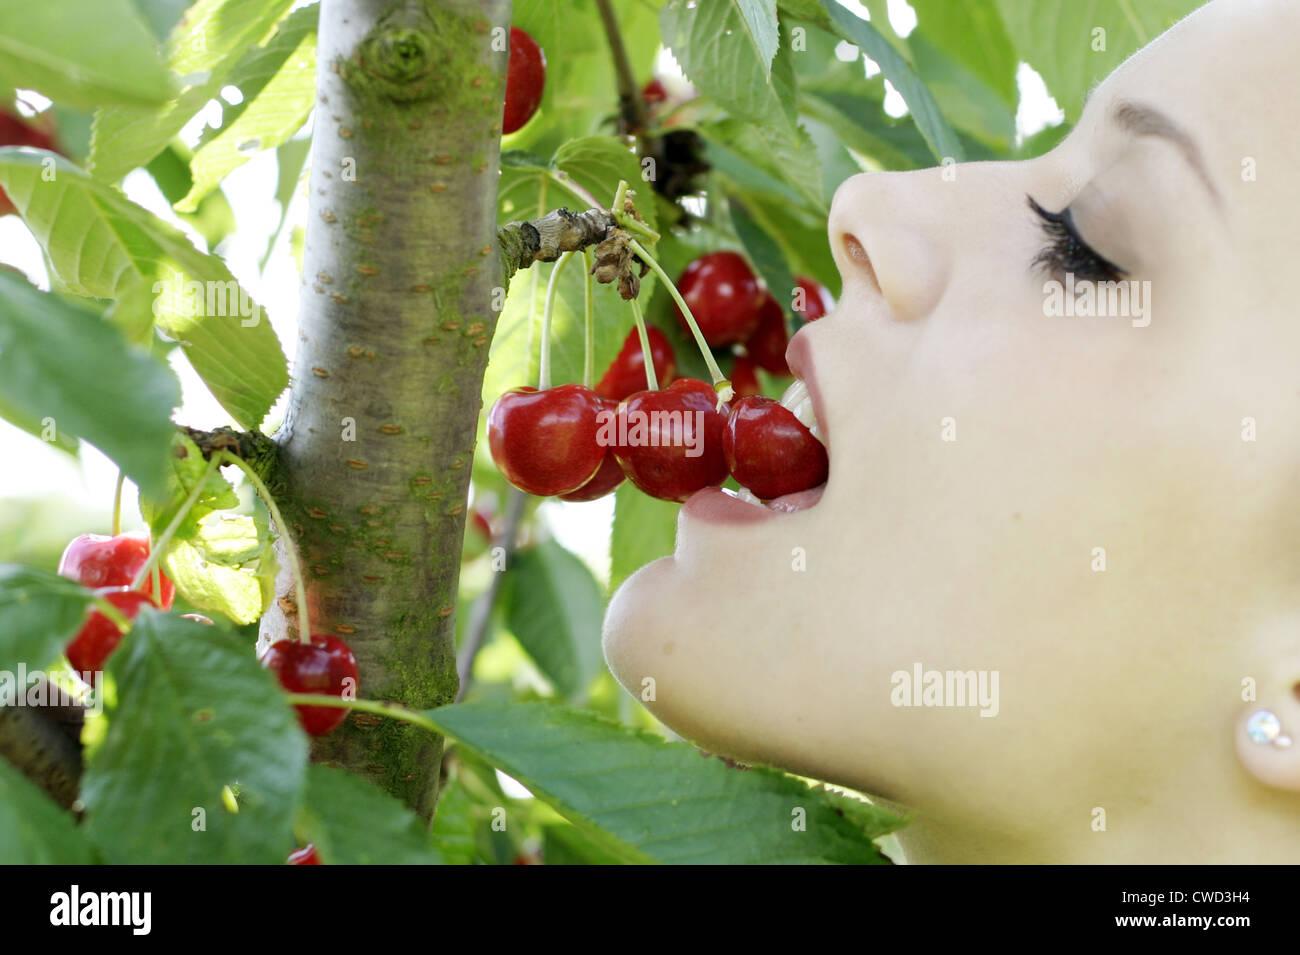 Mujer,indulgencia,consumo,comer,cerezas,cosecha Imagen De Stock